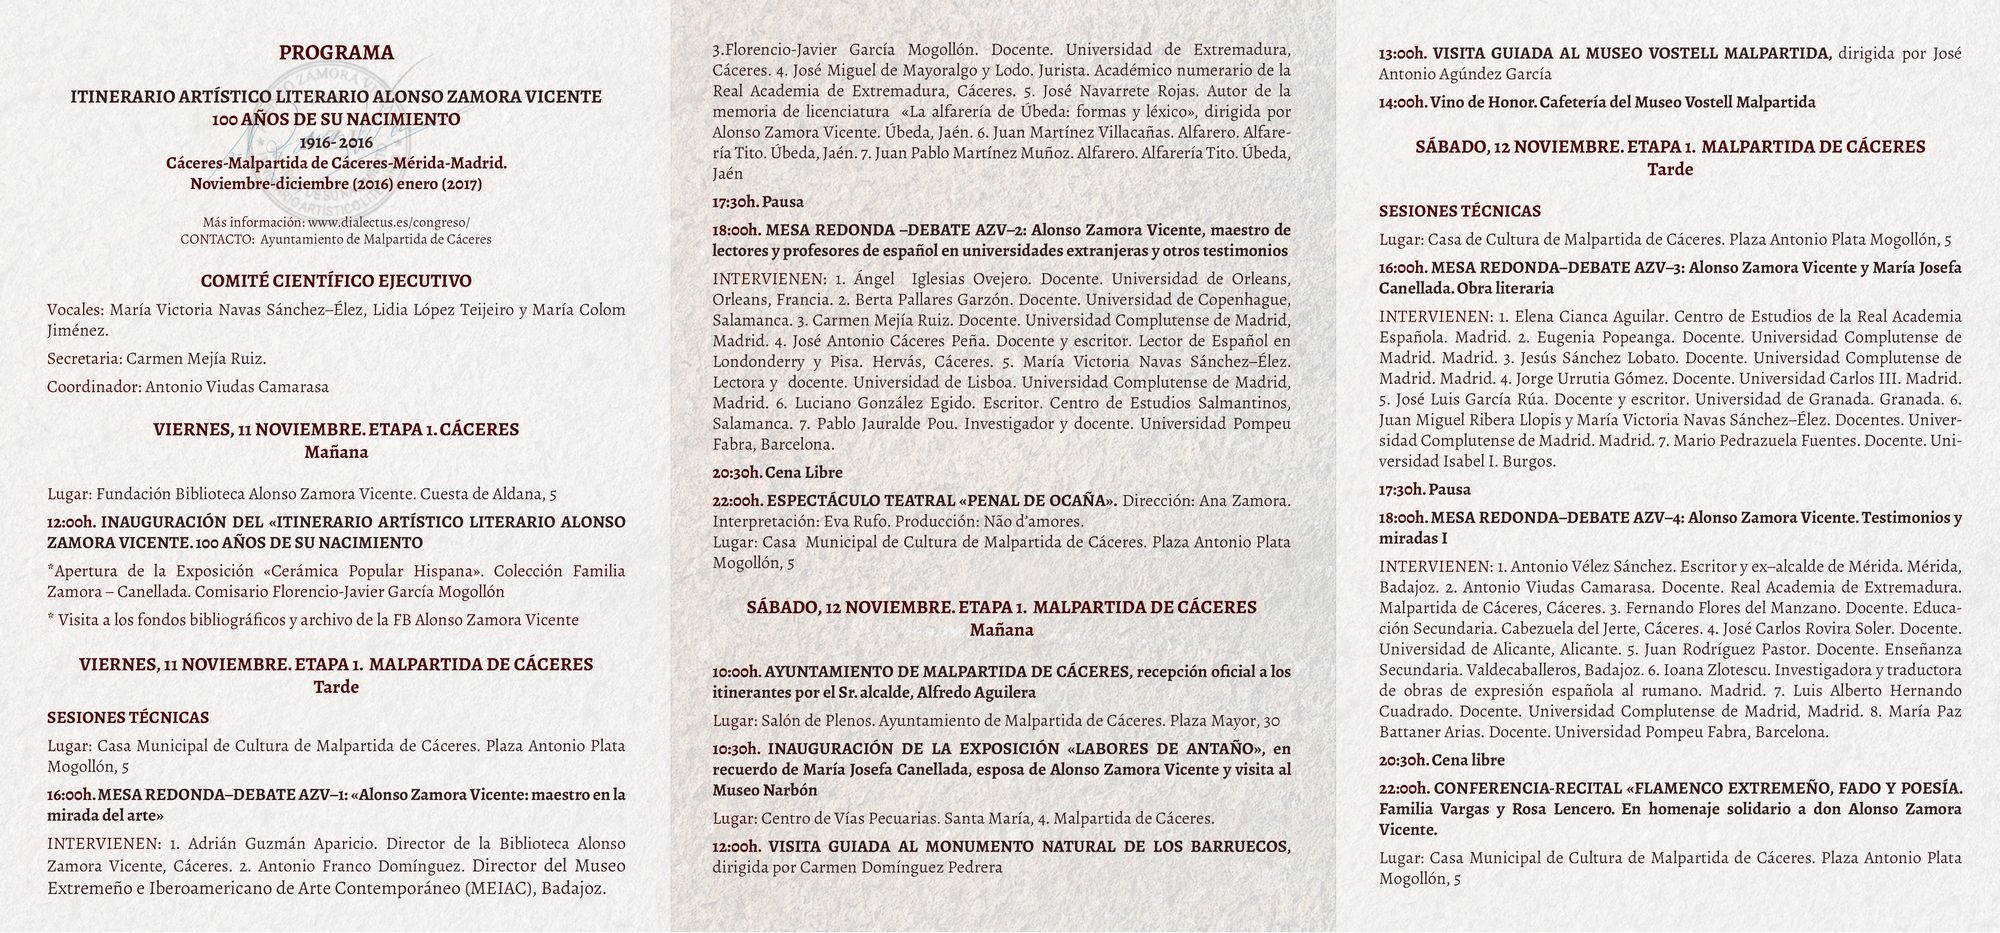 03-programa-alonso-zamora-vicente-11-al-13n-2016-itinerario-artistico-literario